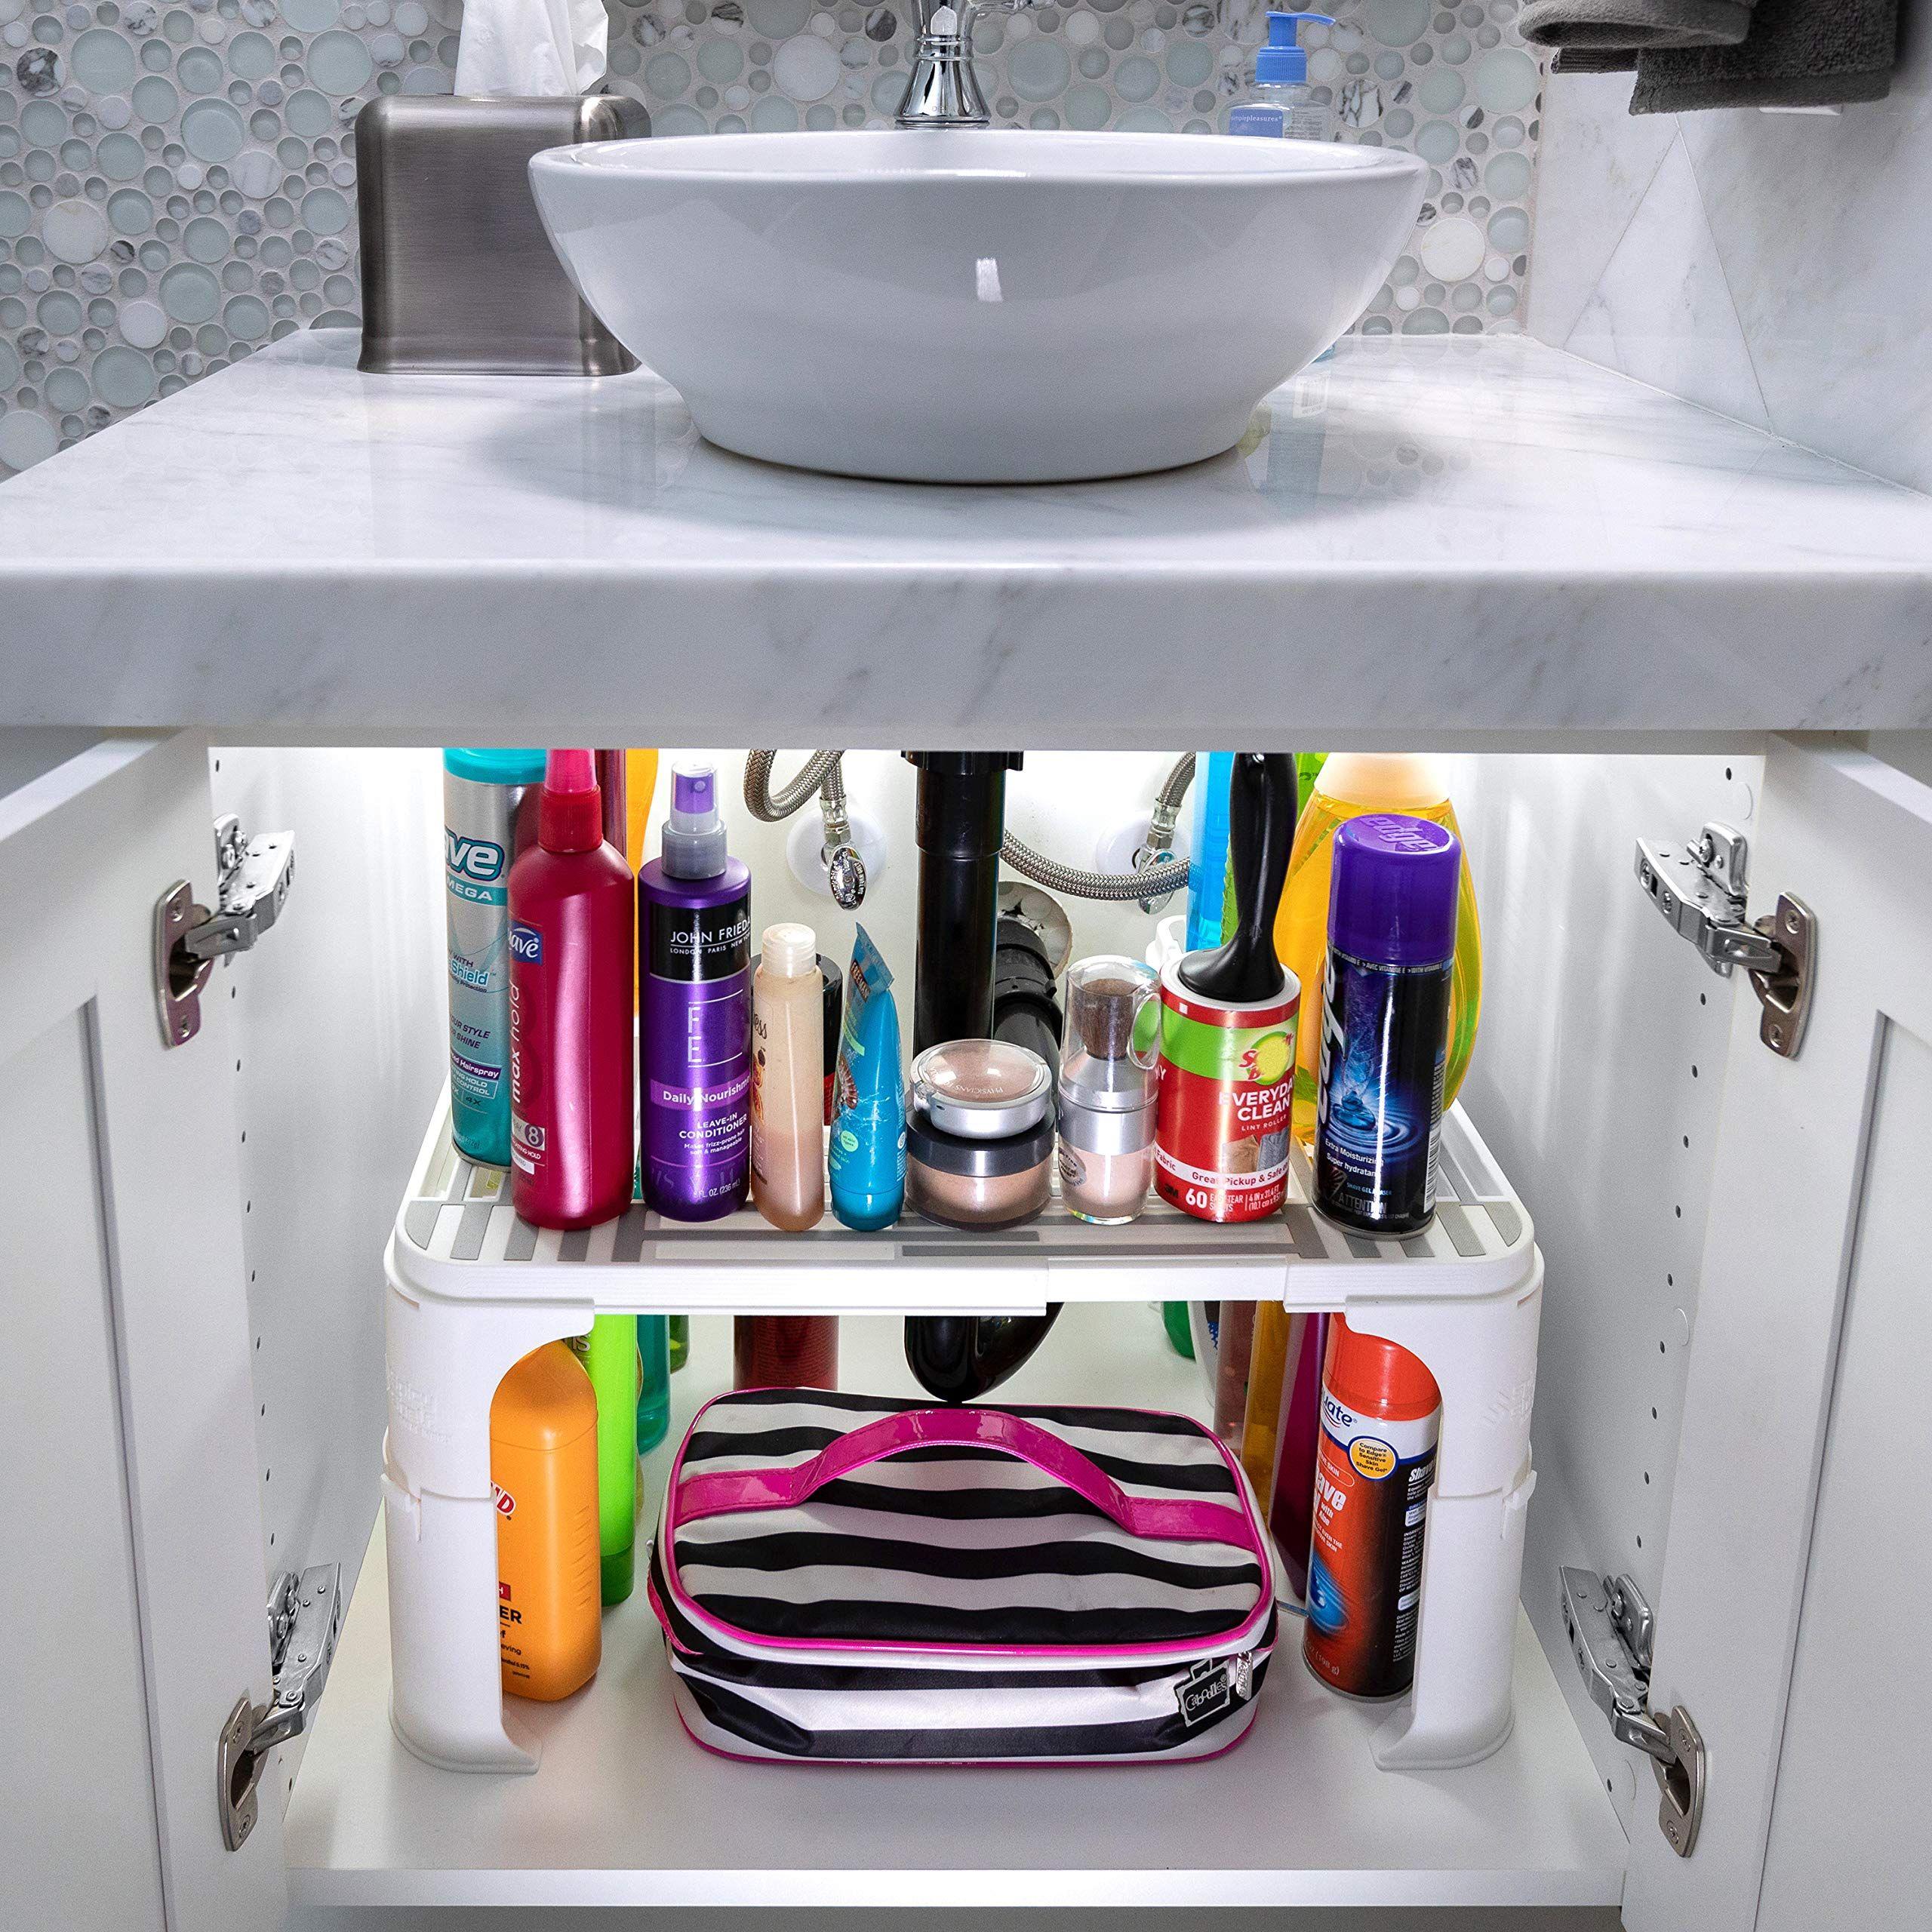 Expandable Under Sink Organizer And Storage Bathroom Under The Sink Organizer Kitchen Under Sink Shel Under Sink Storage Under Sink Organization Sink Storage [ 2560 x 2560 Pixel ]